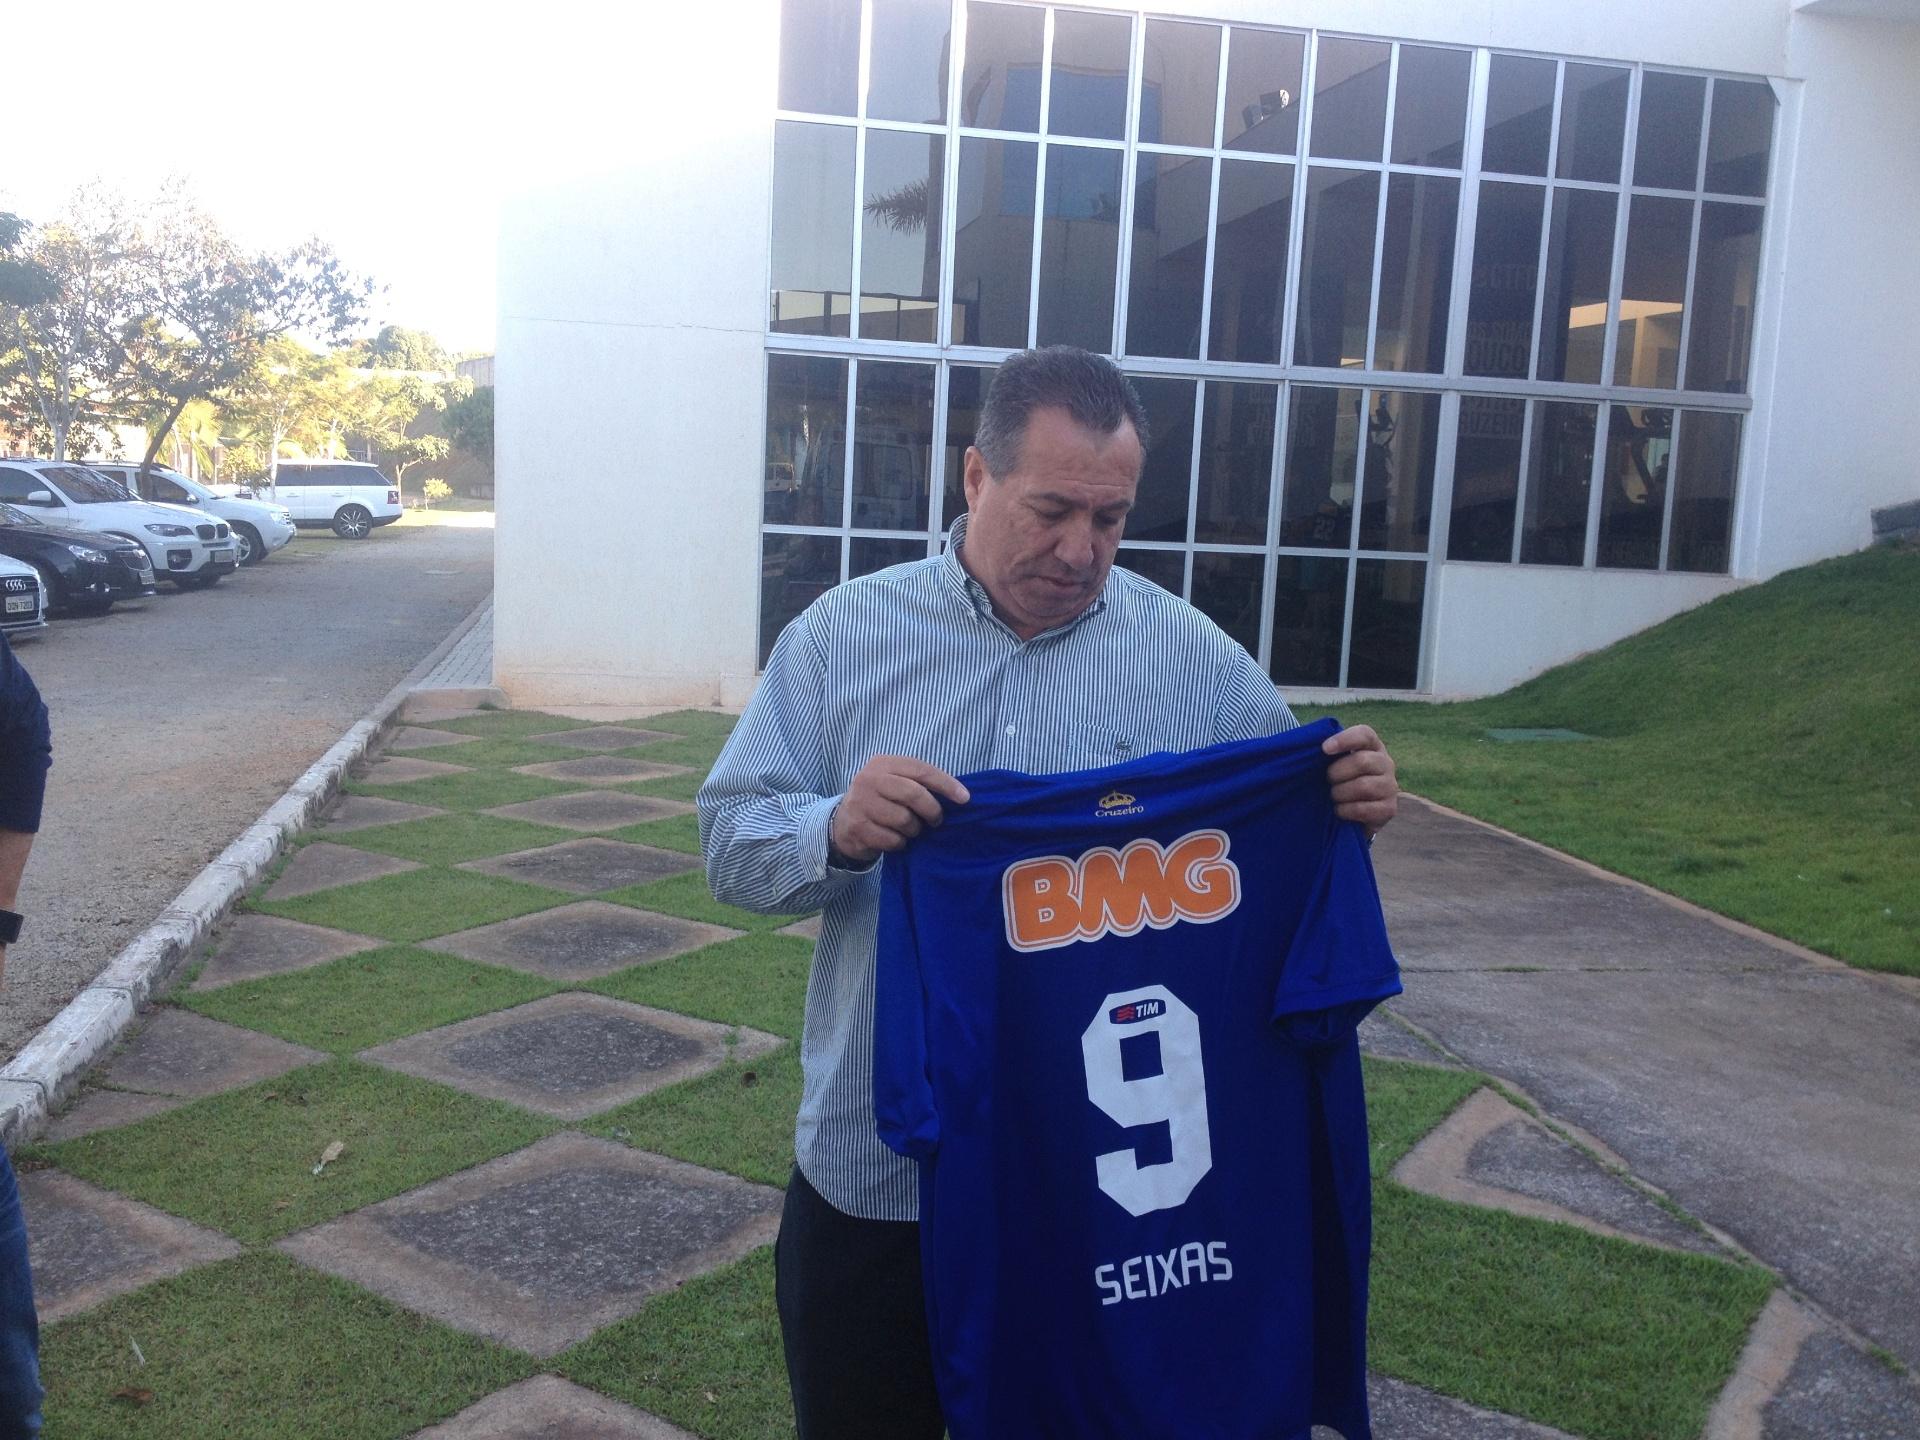 c51921d7de Ex-atacante visita a Toca e recebe homenagem do Cruzeiro - 09 09 2014 - UOL  Esporte